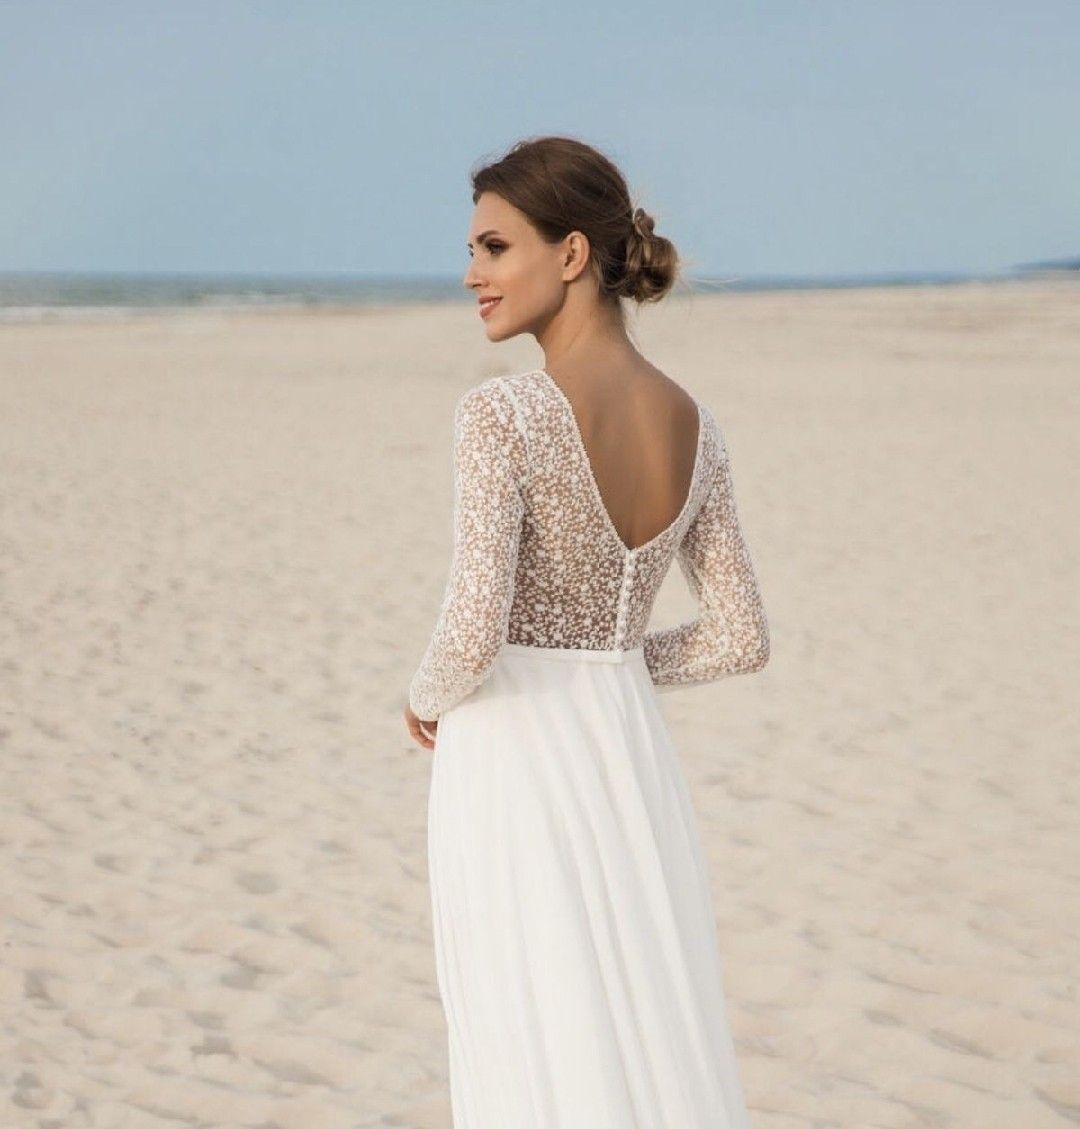 Brautkleid mit langem Arm aus Spitze und schmalem Chiffon Rock